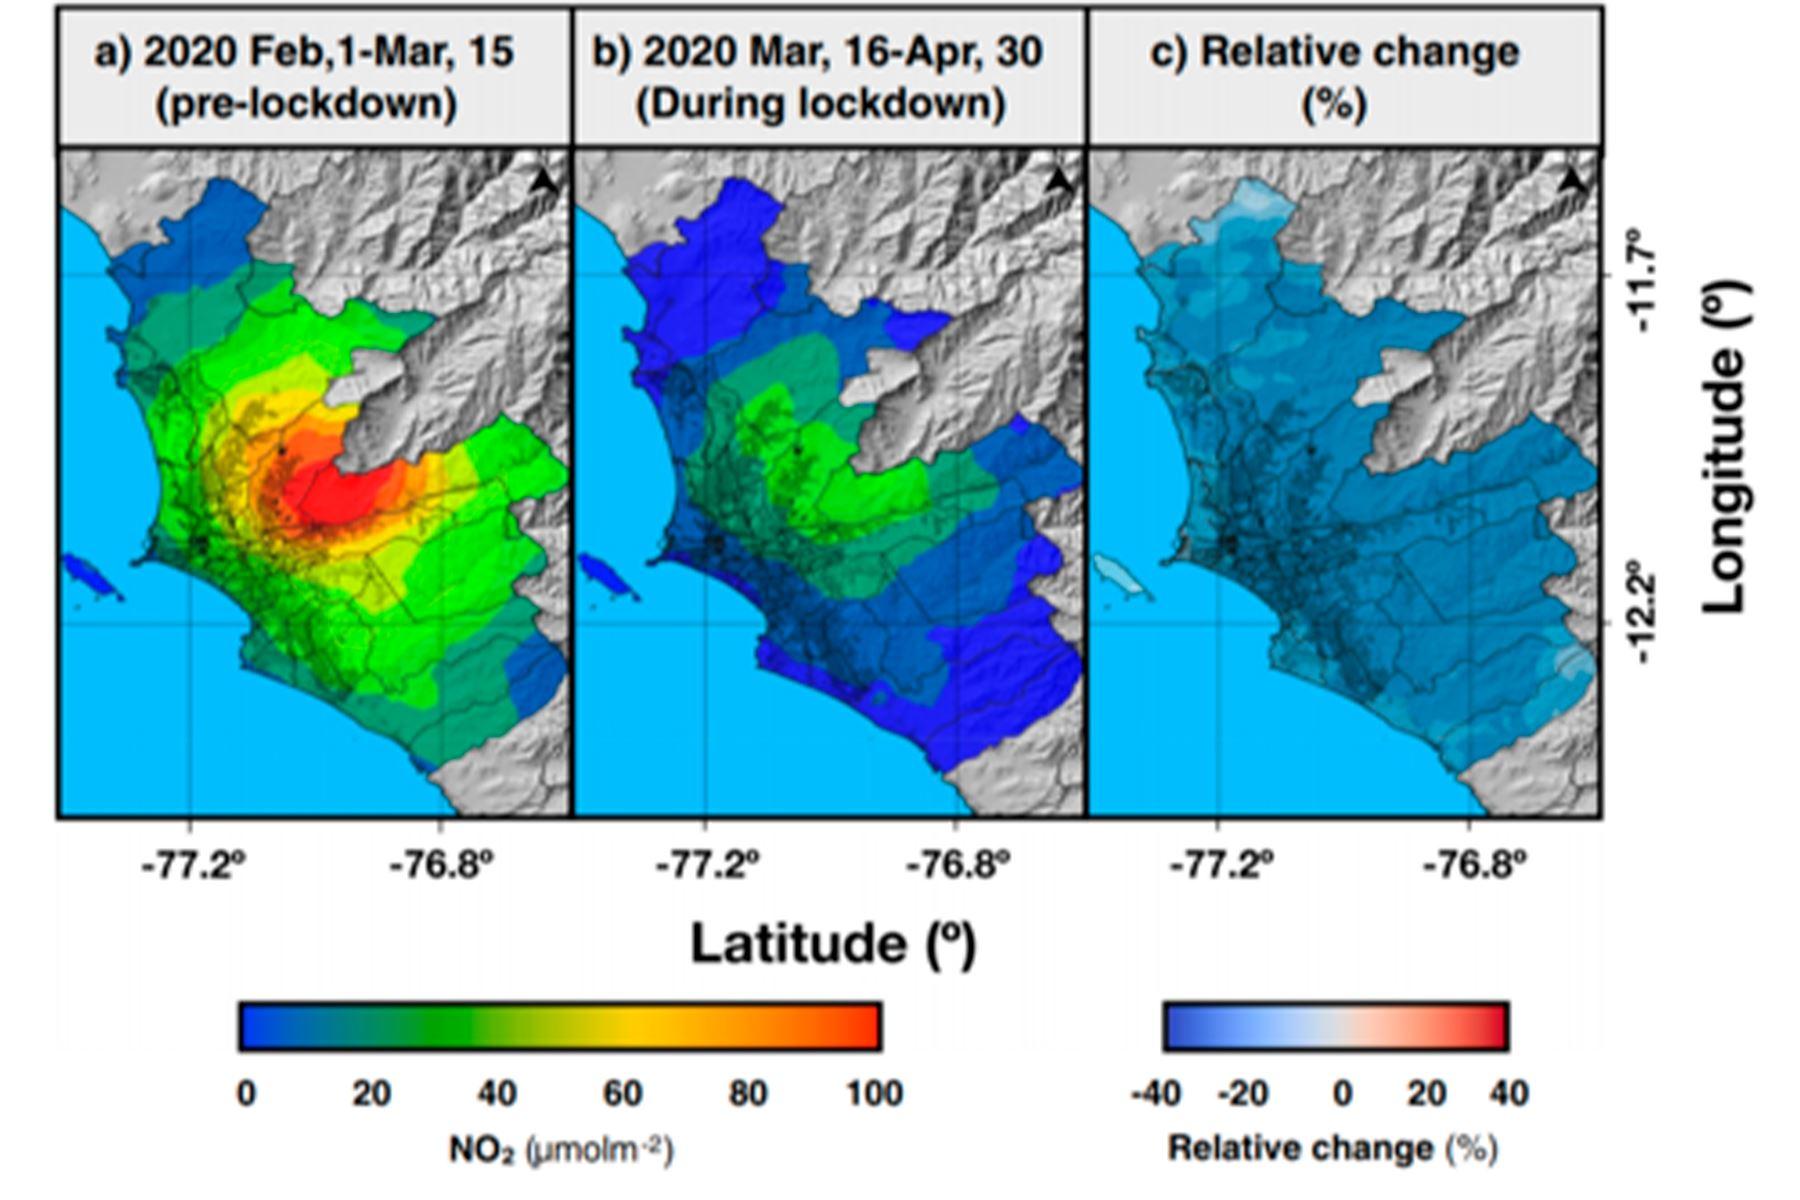 """Según artículo """"Efectos de las medidas de control de la pandemia de COVID 19 sobre la contaminación del aire en el área metropolitana de Lima, Perú en América del Sur"""". Foto: ANDINA/Senamhi"""